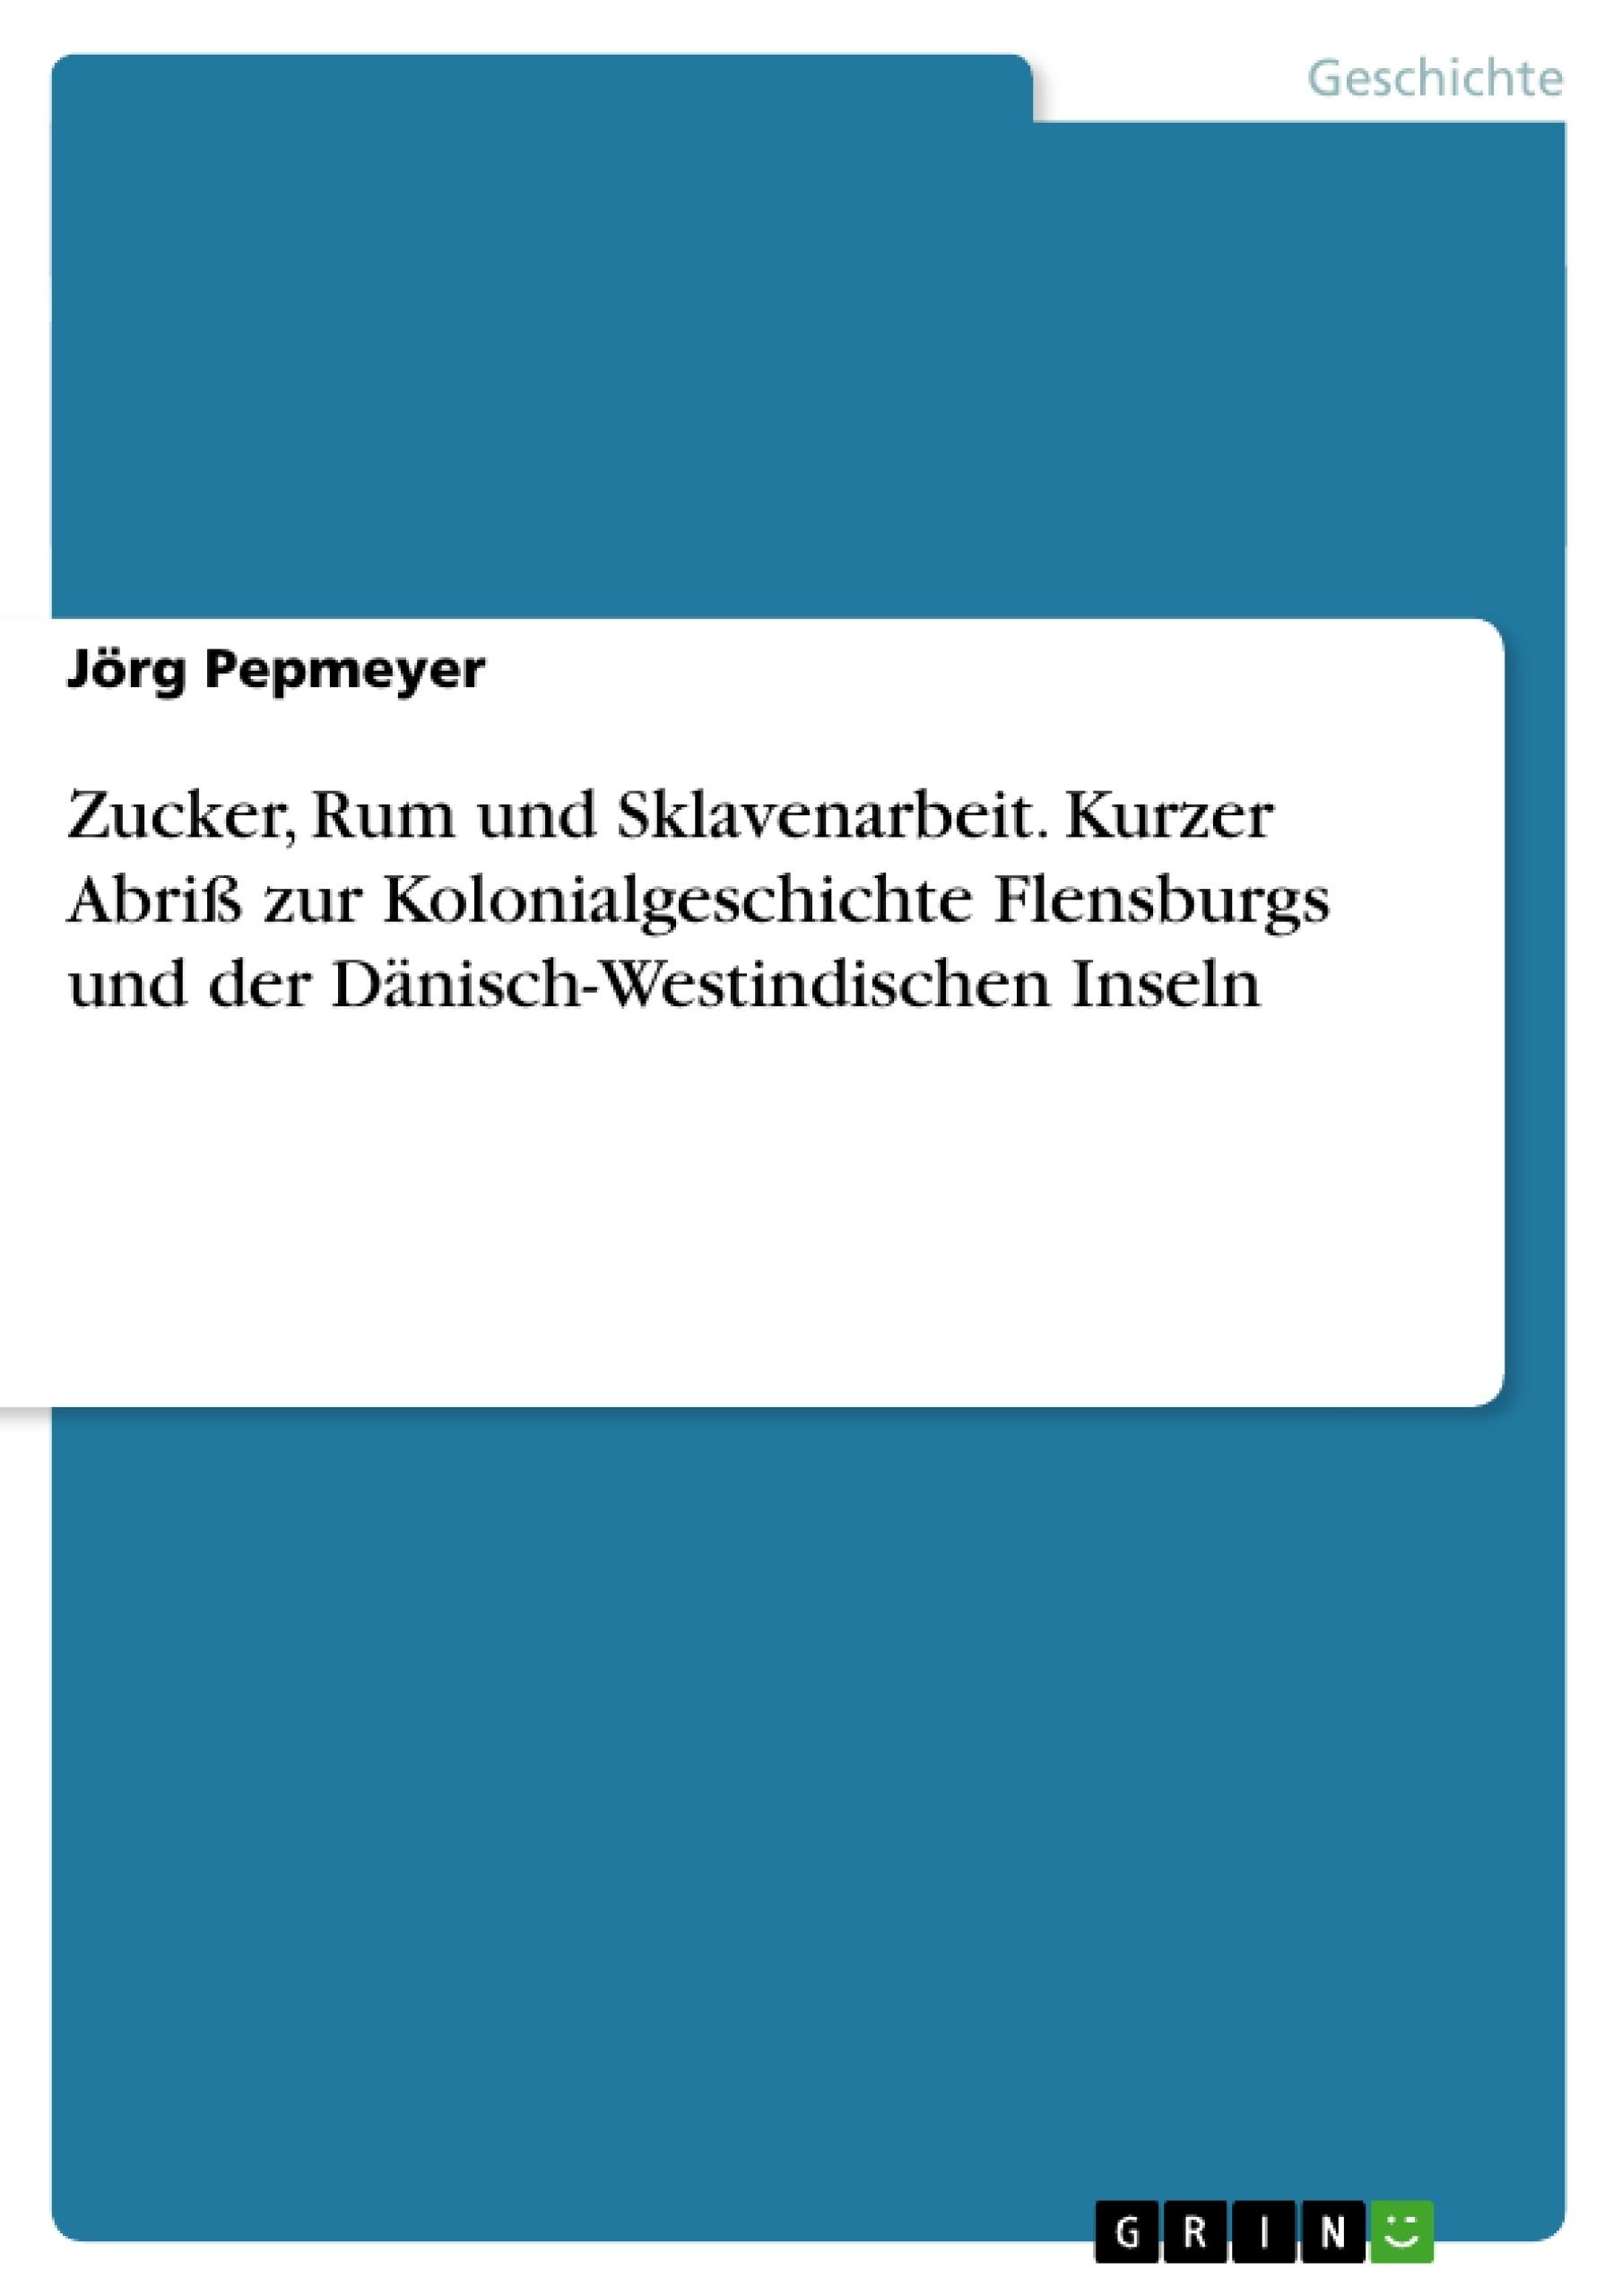 Titel: Zucker, Rum und Sklavenarbeit. Kurzer Abriß zur Kolonialgeschichte Flensburgs und der Dänisch-Westindischen Inseln